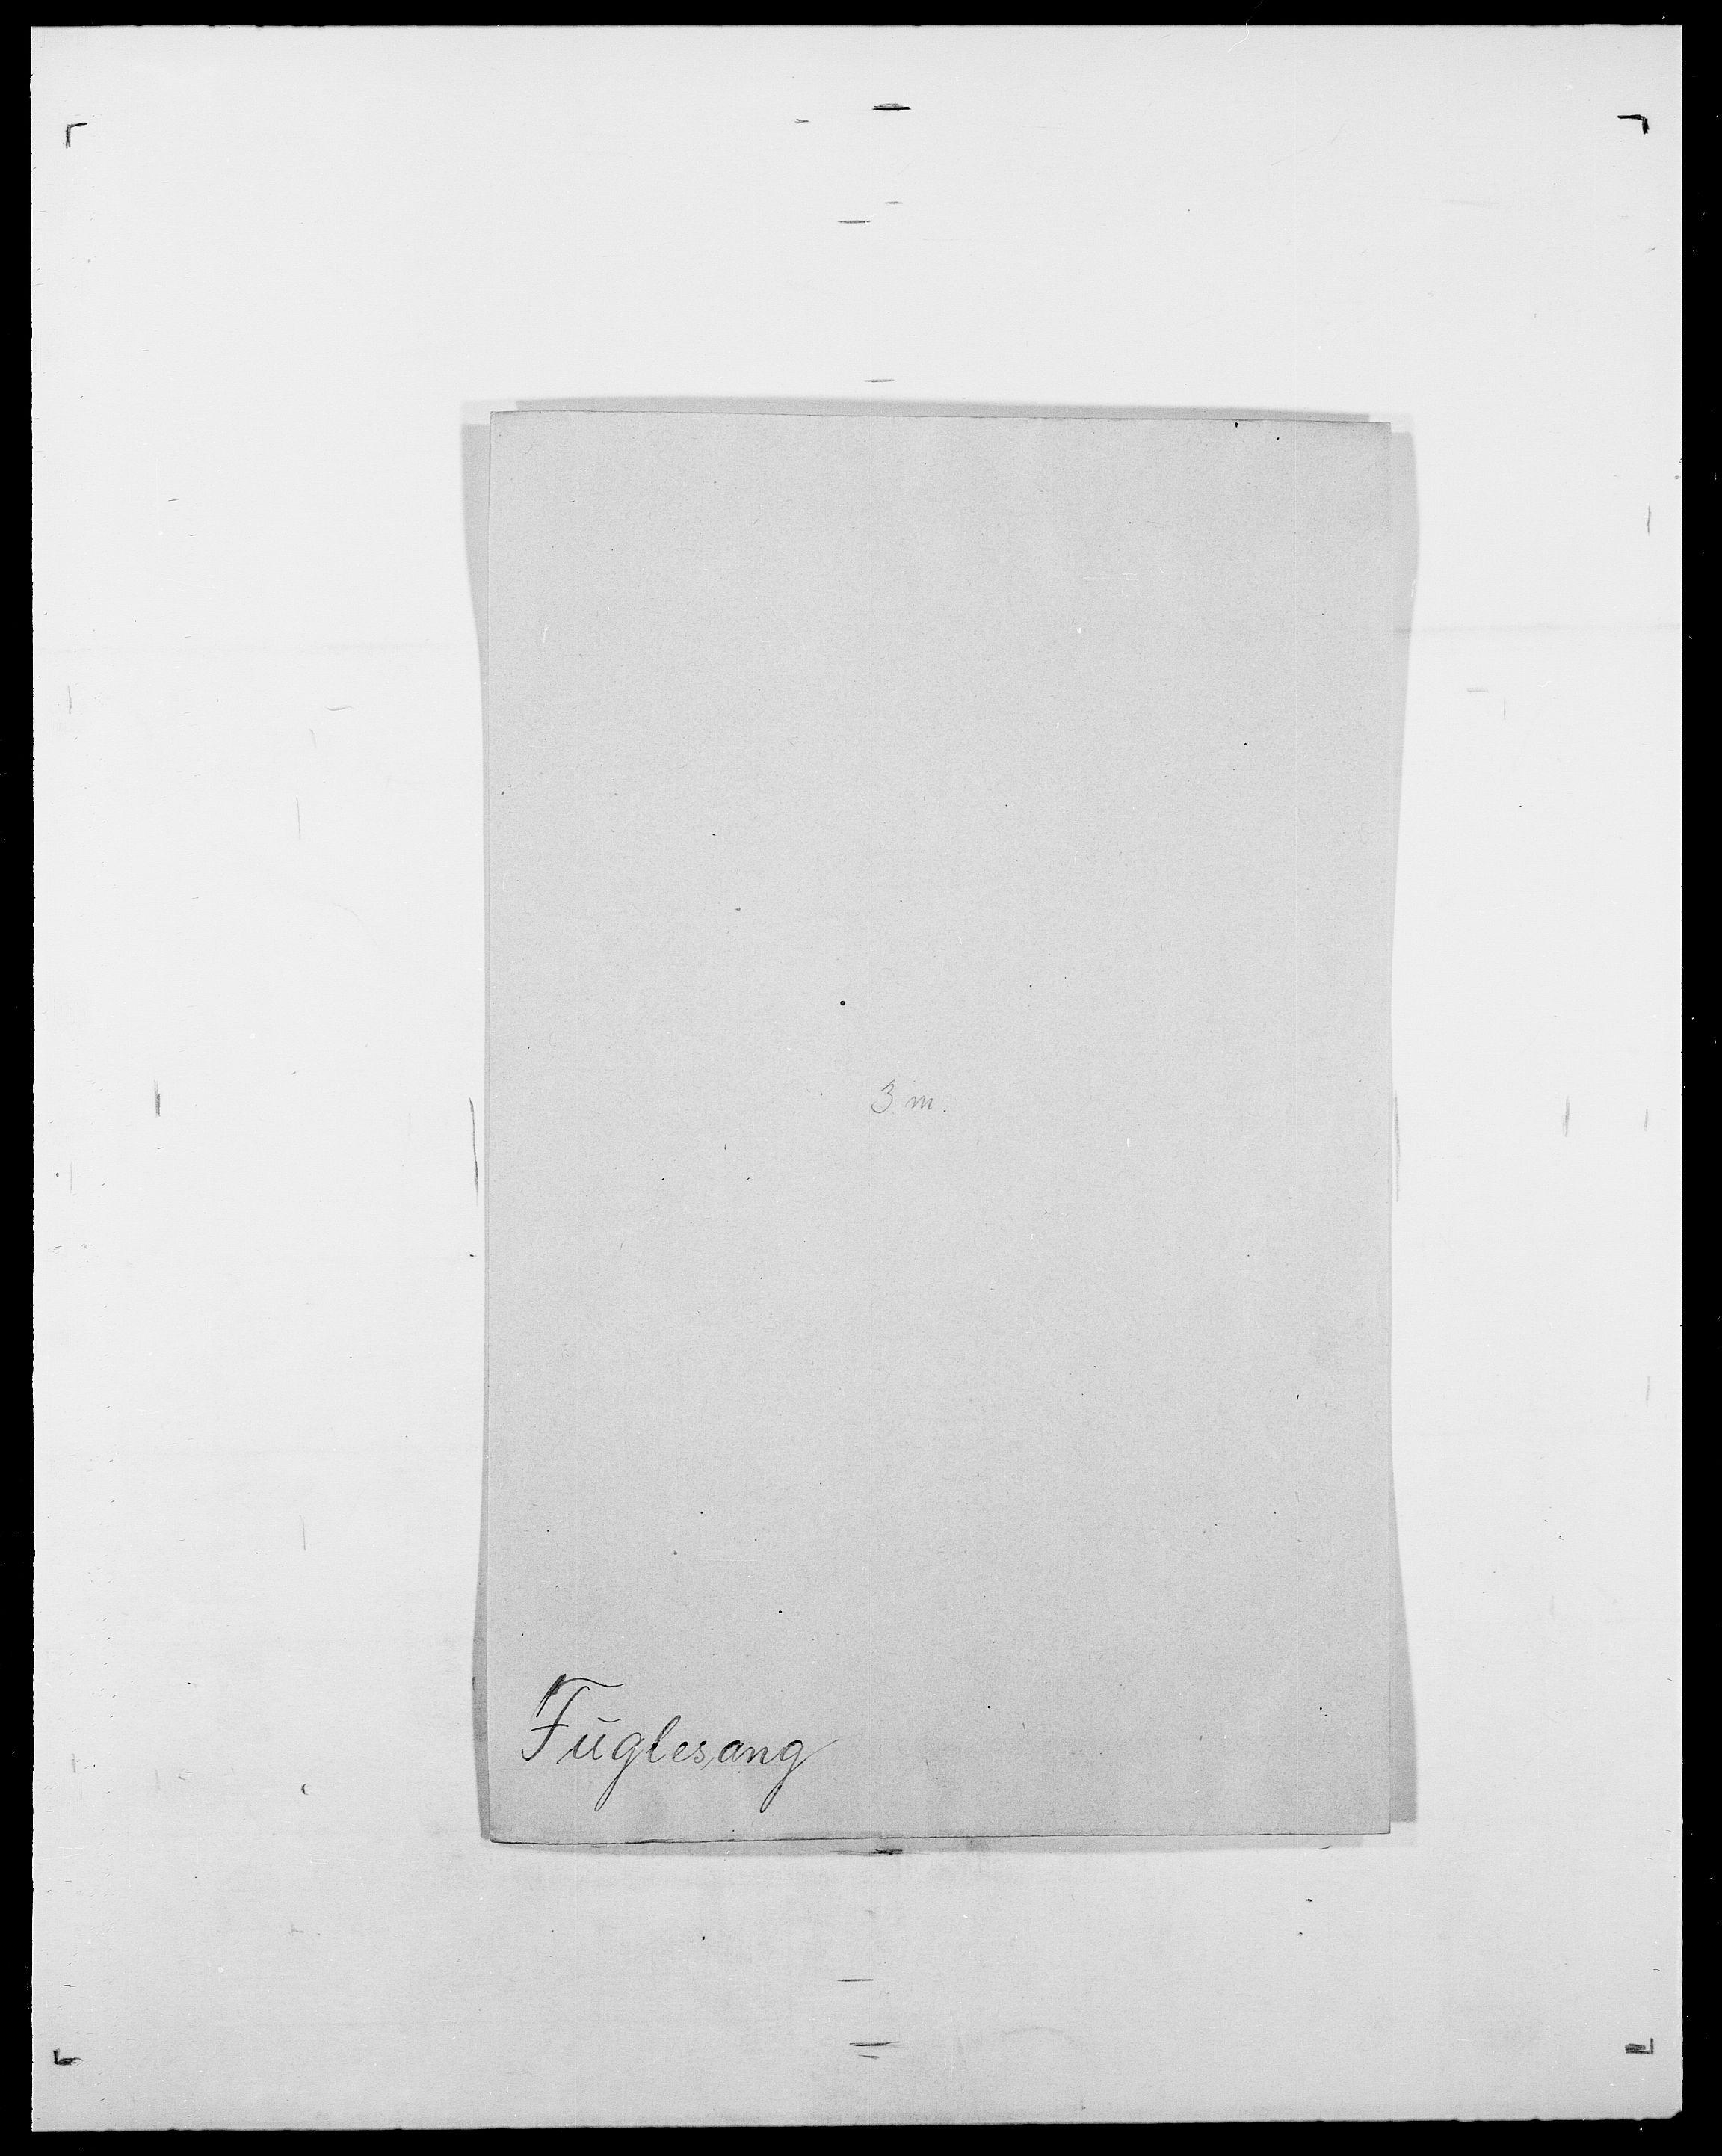 SAO, Delgobe, Charles Antoine - samling, D/Da/L0013: Forbos - Geving, s. 163